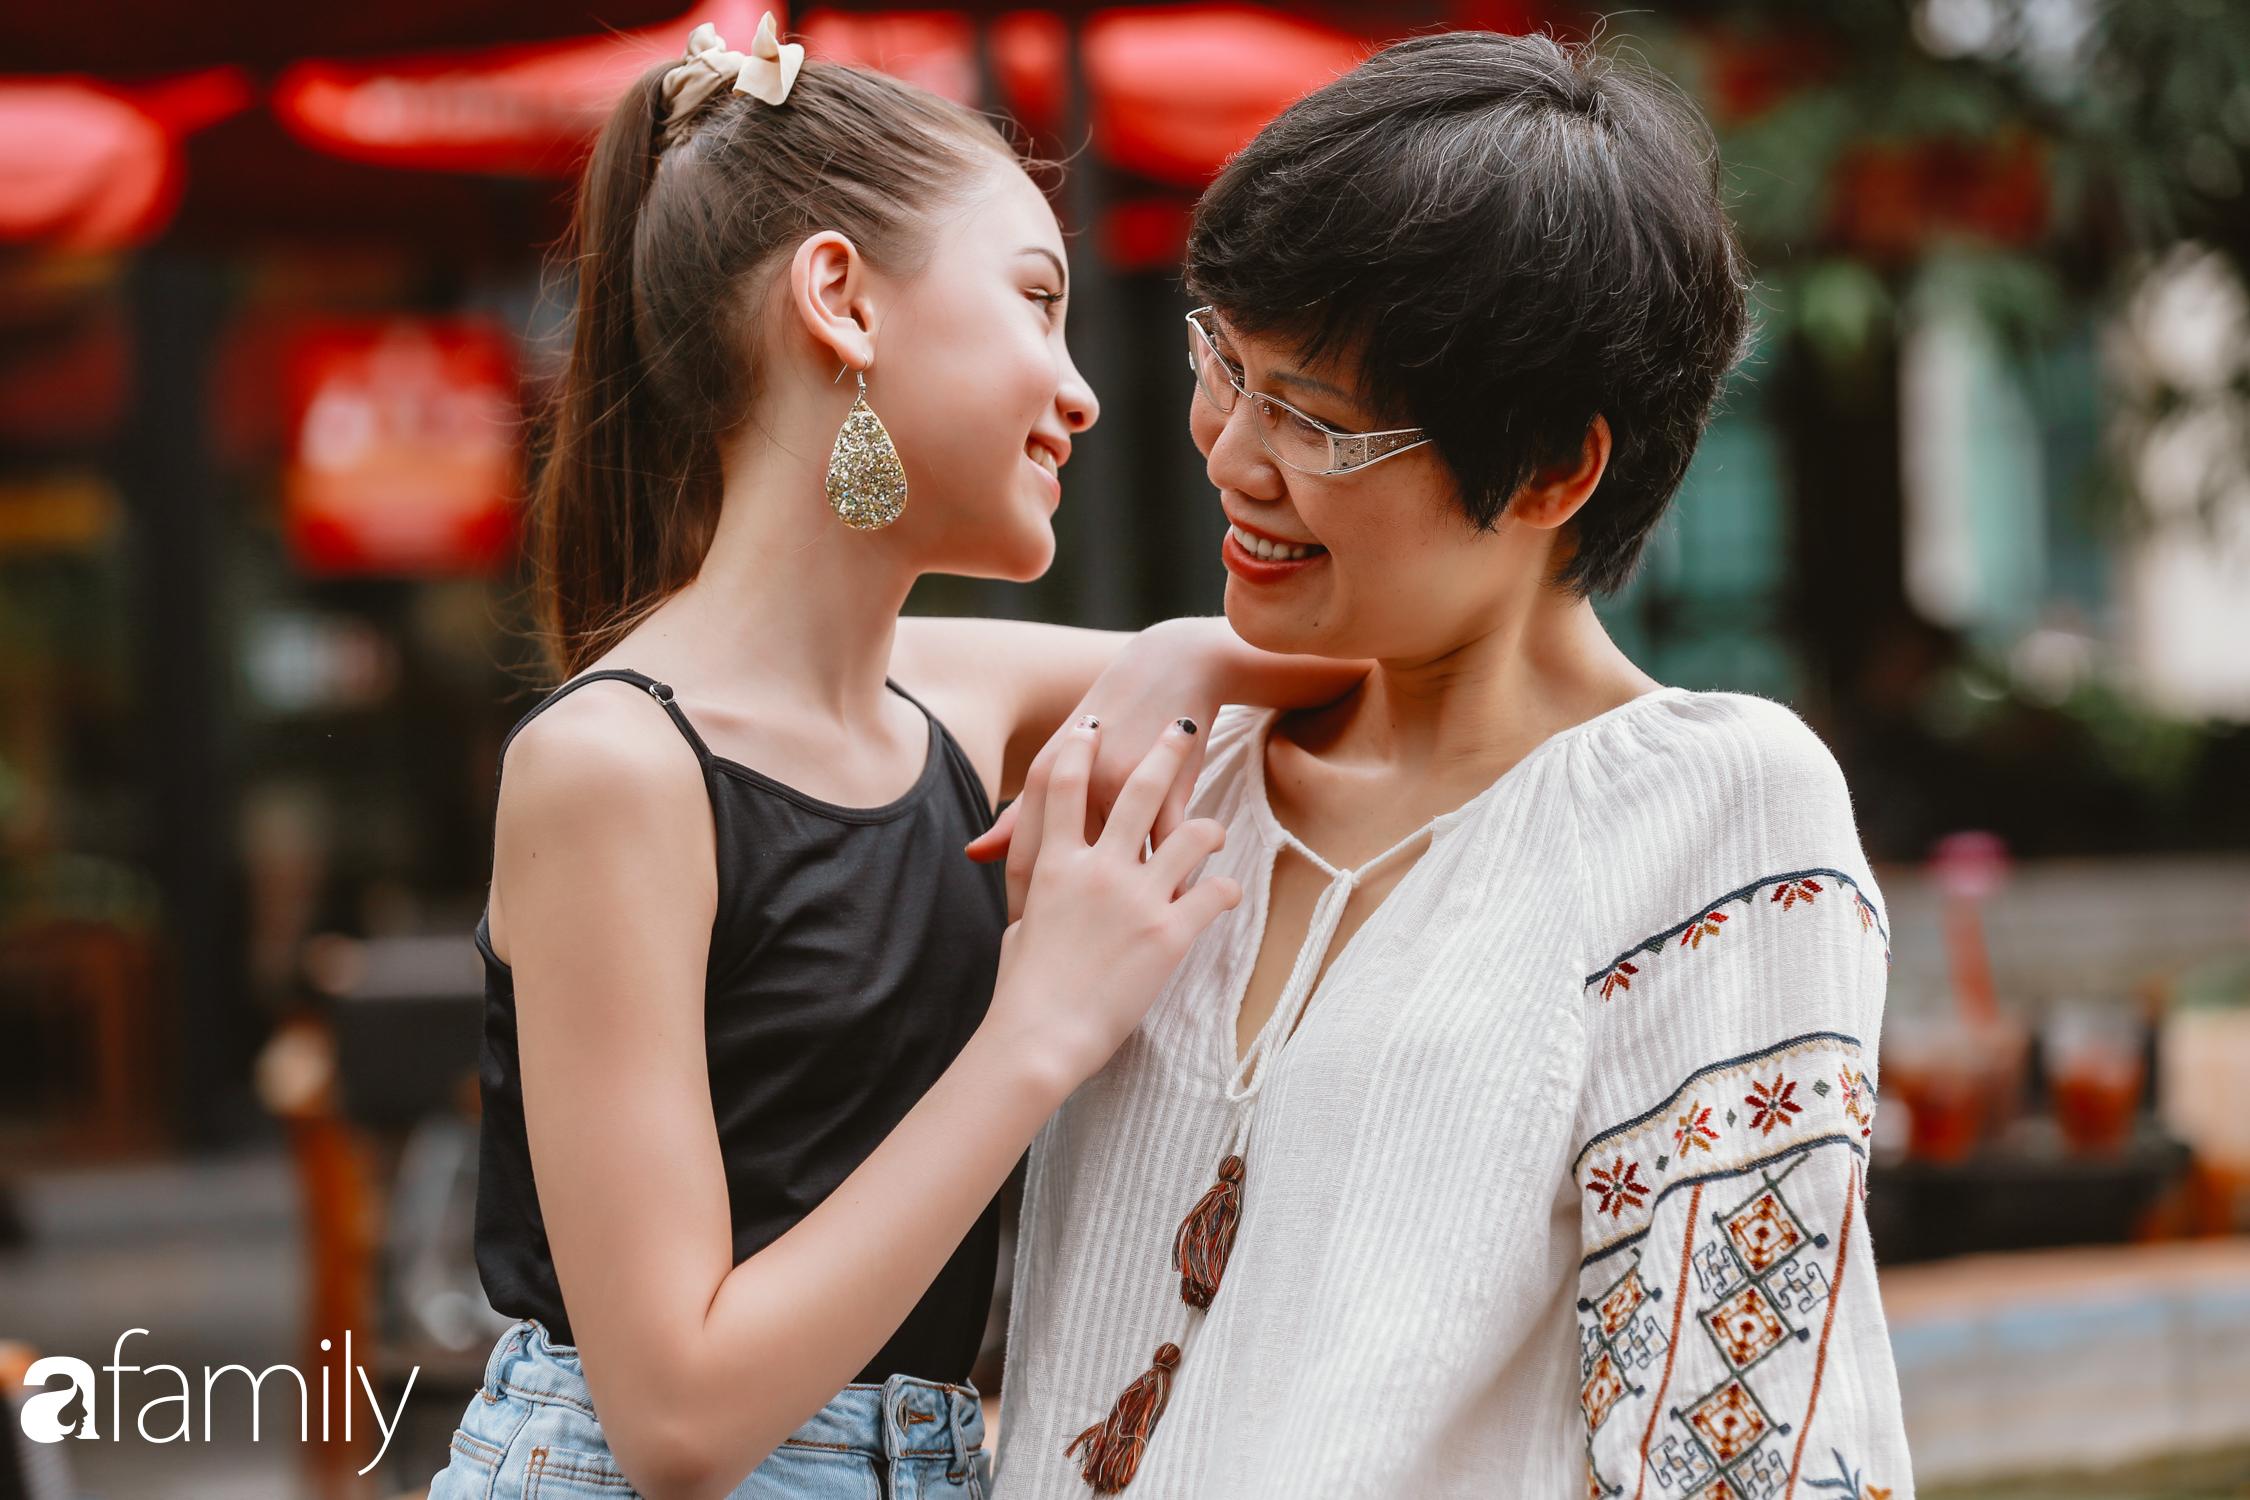 Mẫu nhí lai Việt – Mỹ đắt show nhất nhì thị trường thời trang và những chia sẻ của người trong cuộc  - Ảnh 9.